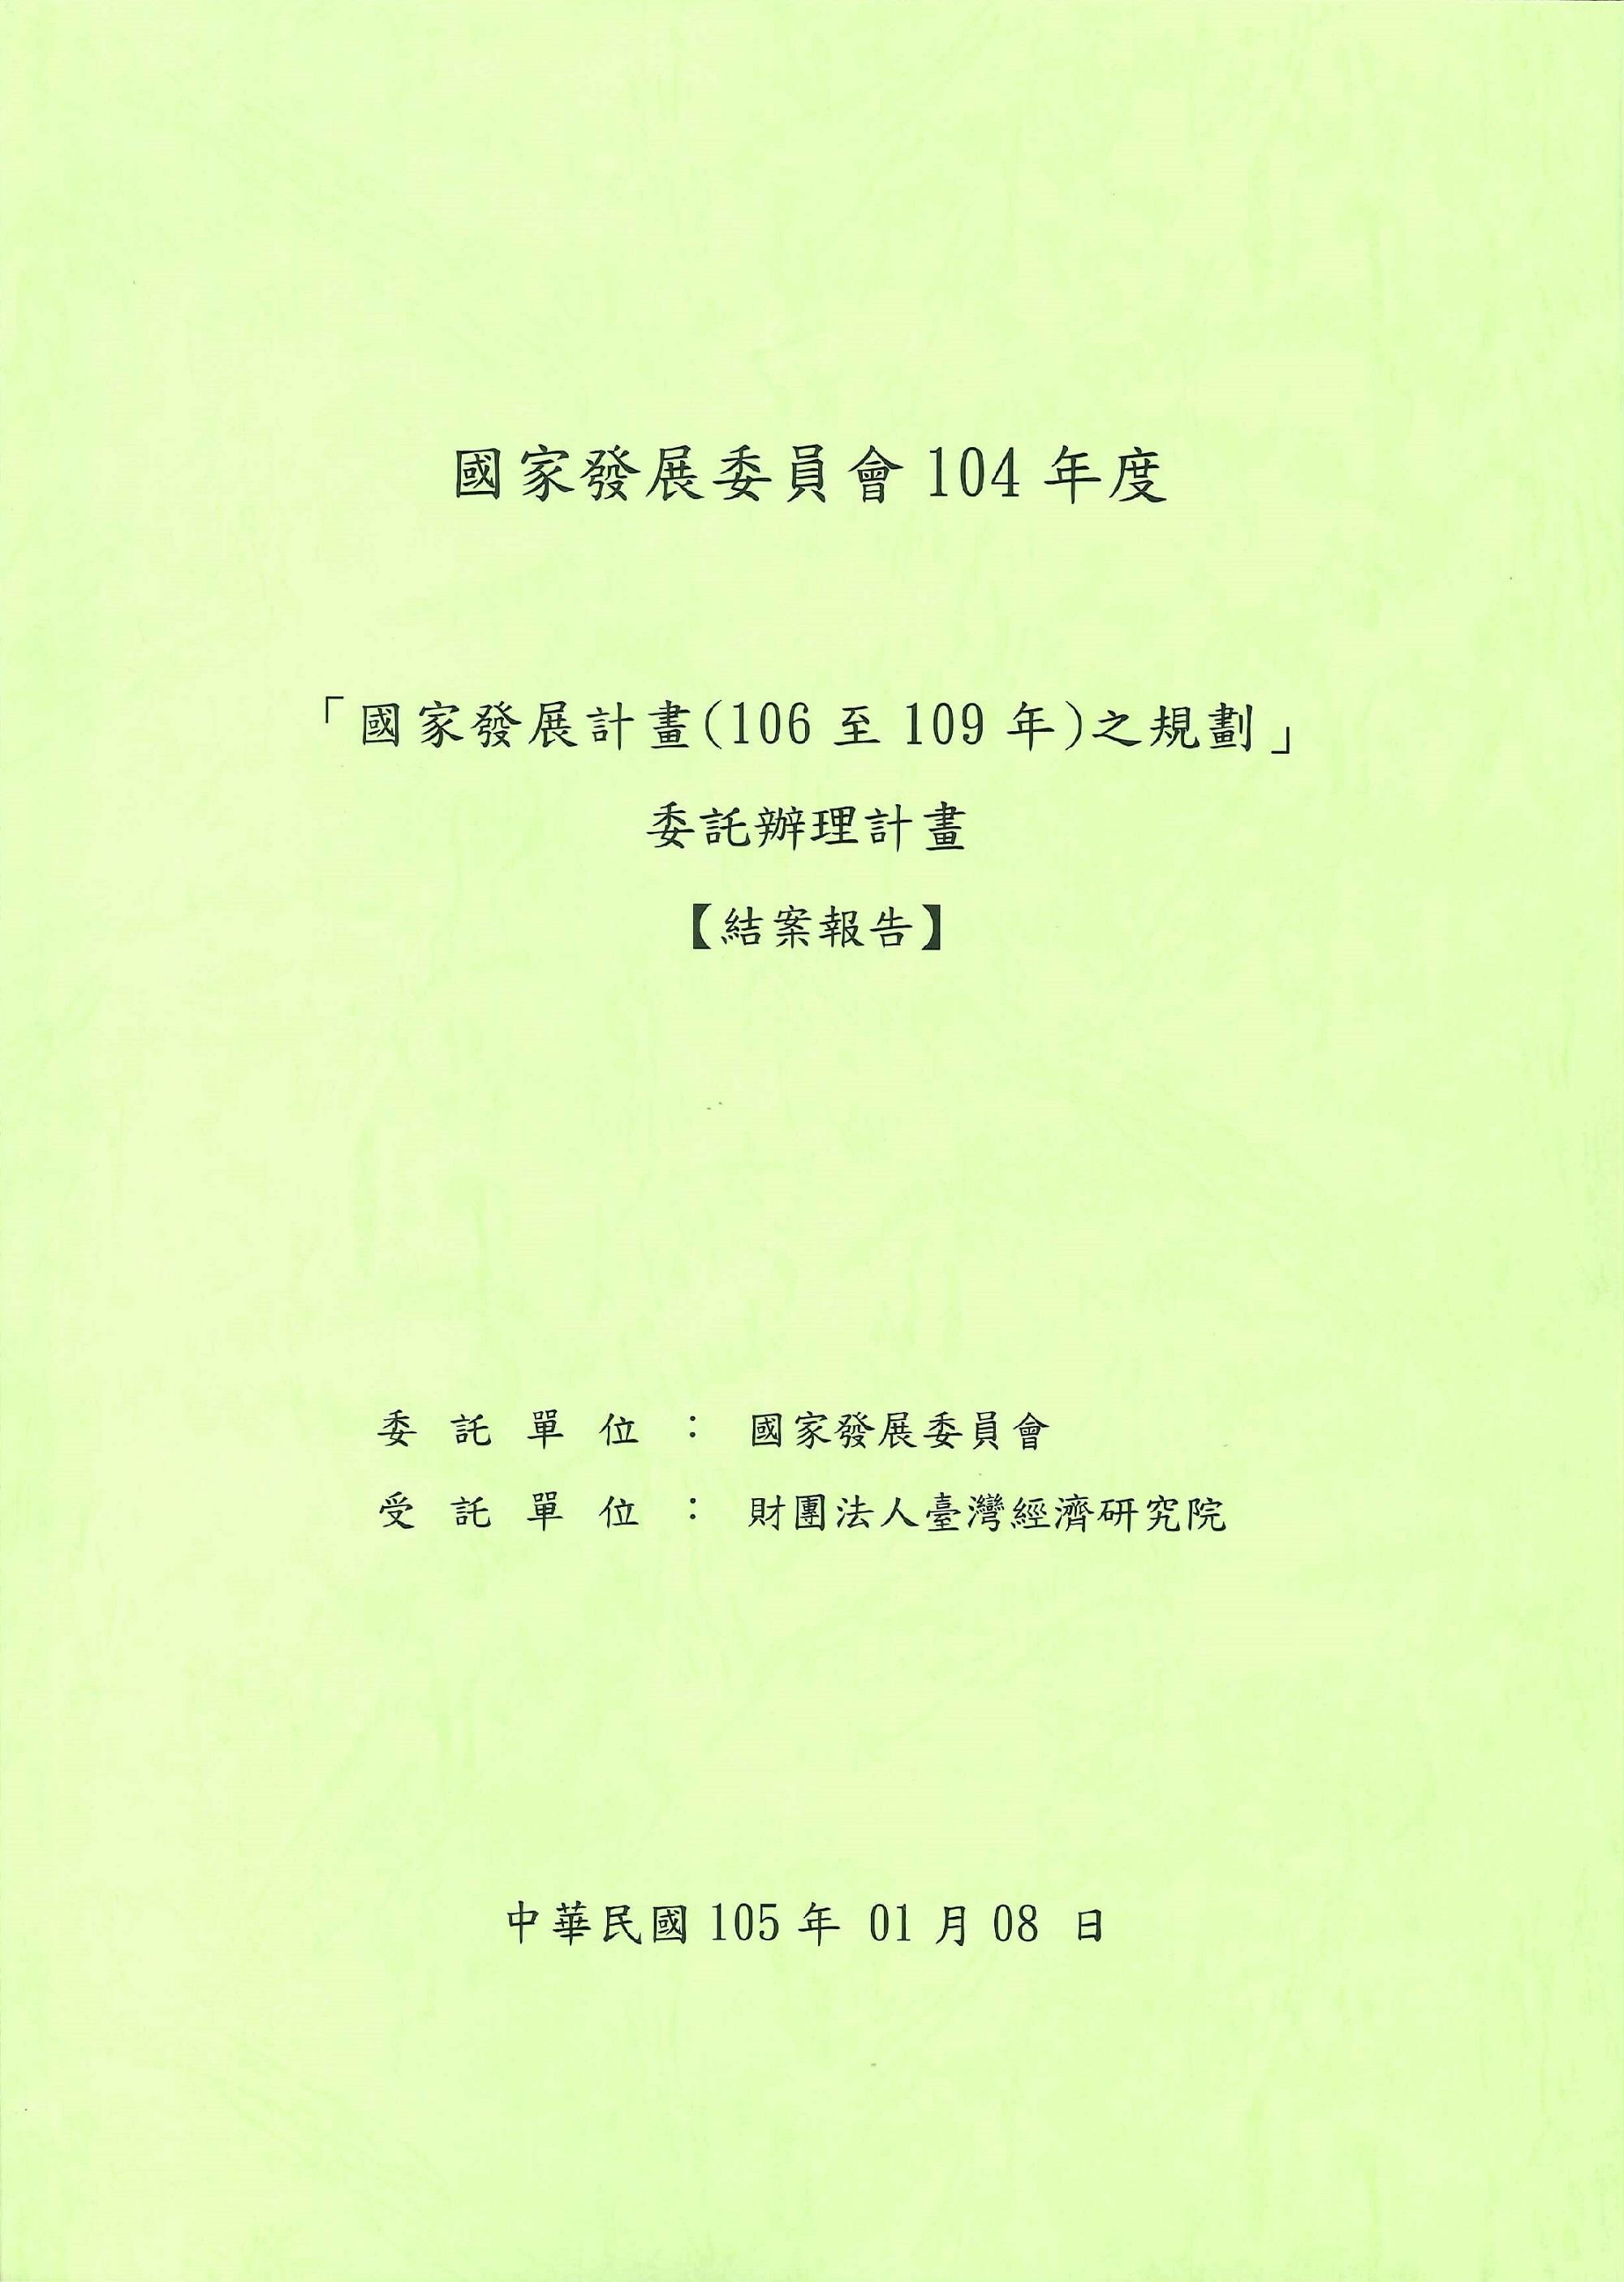 「國家發展計畫(106至109年)之規劃」委託辦理計畫:結案報告